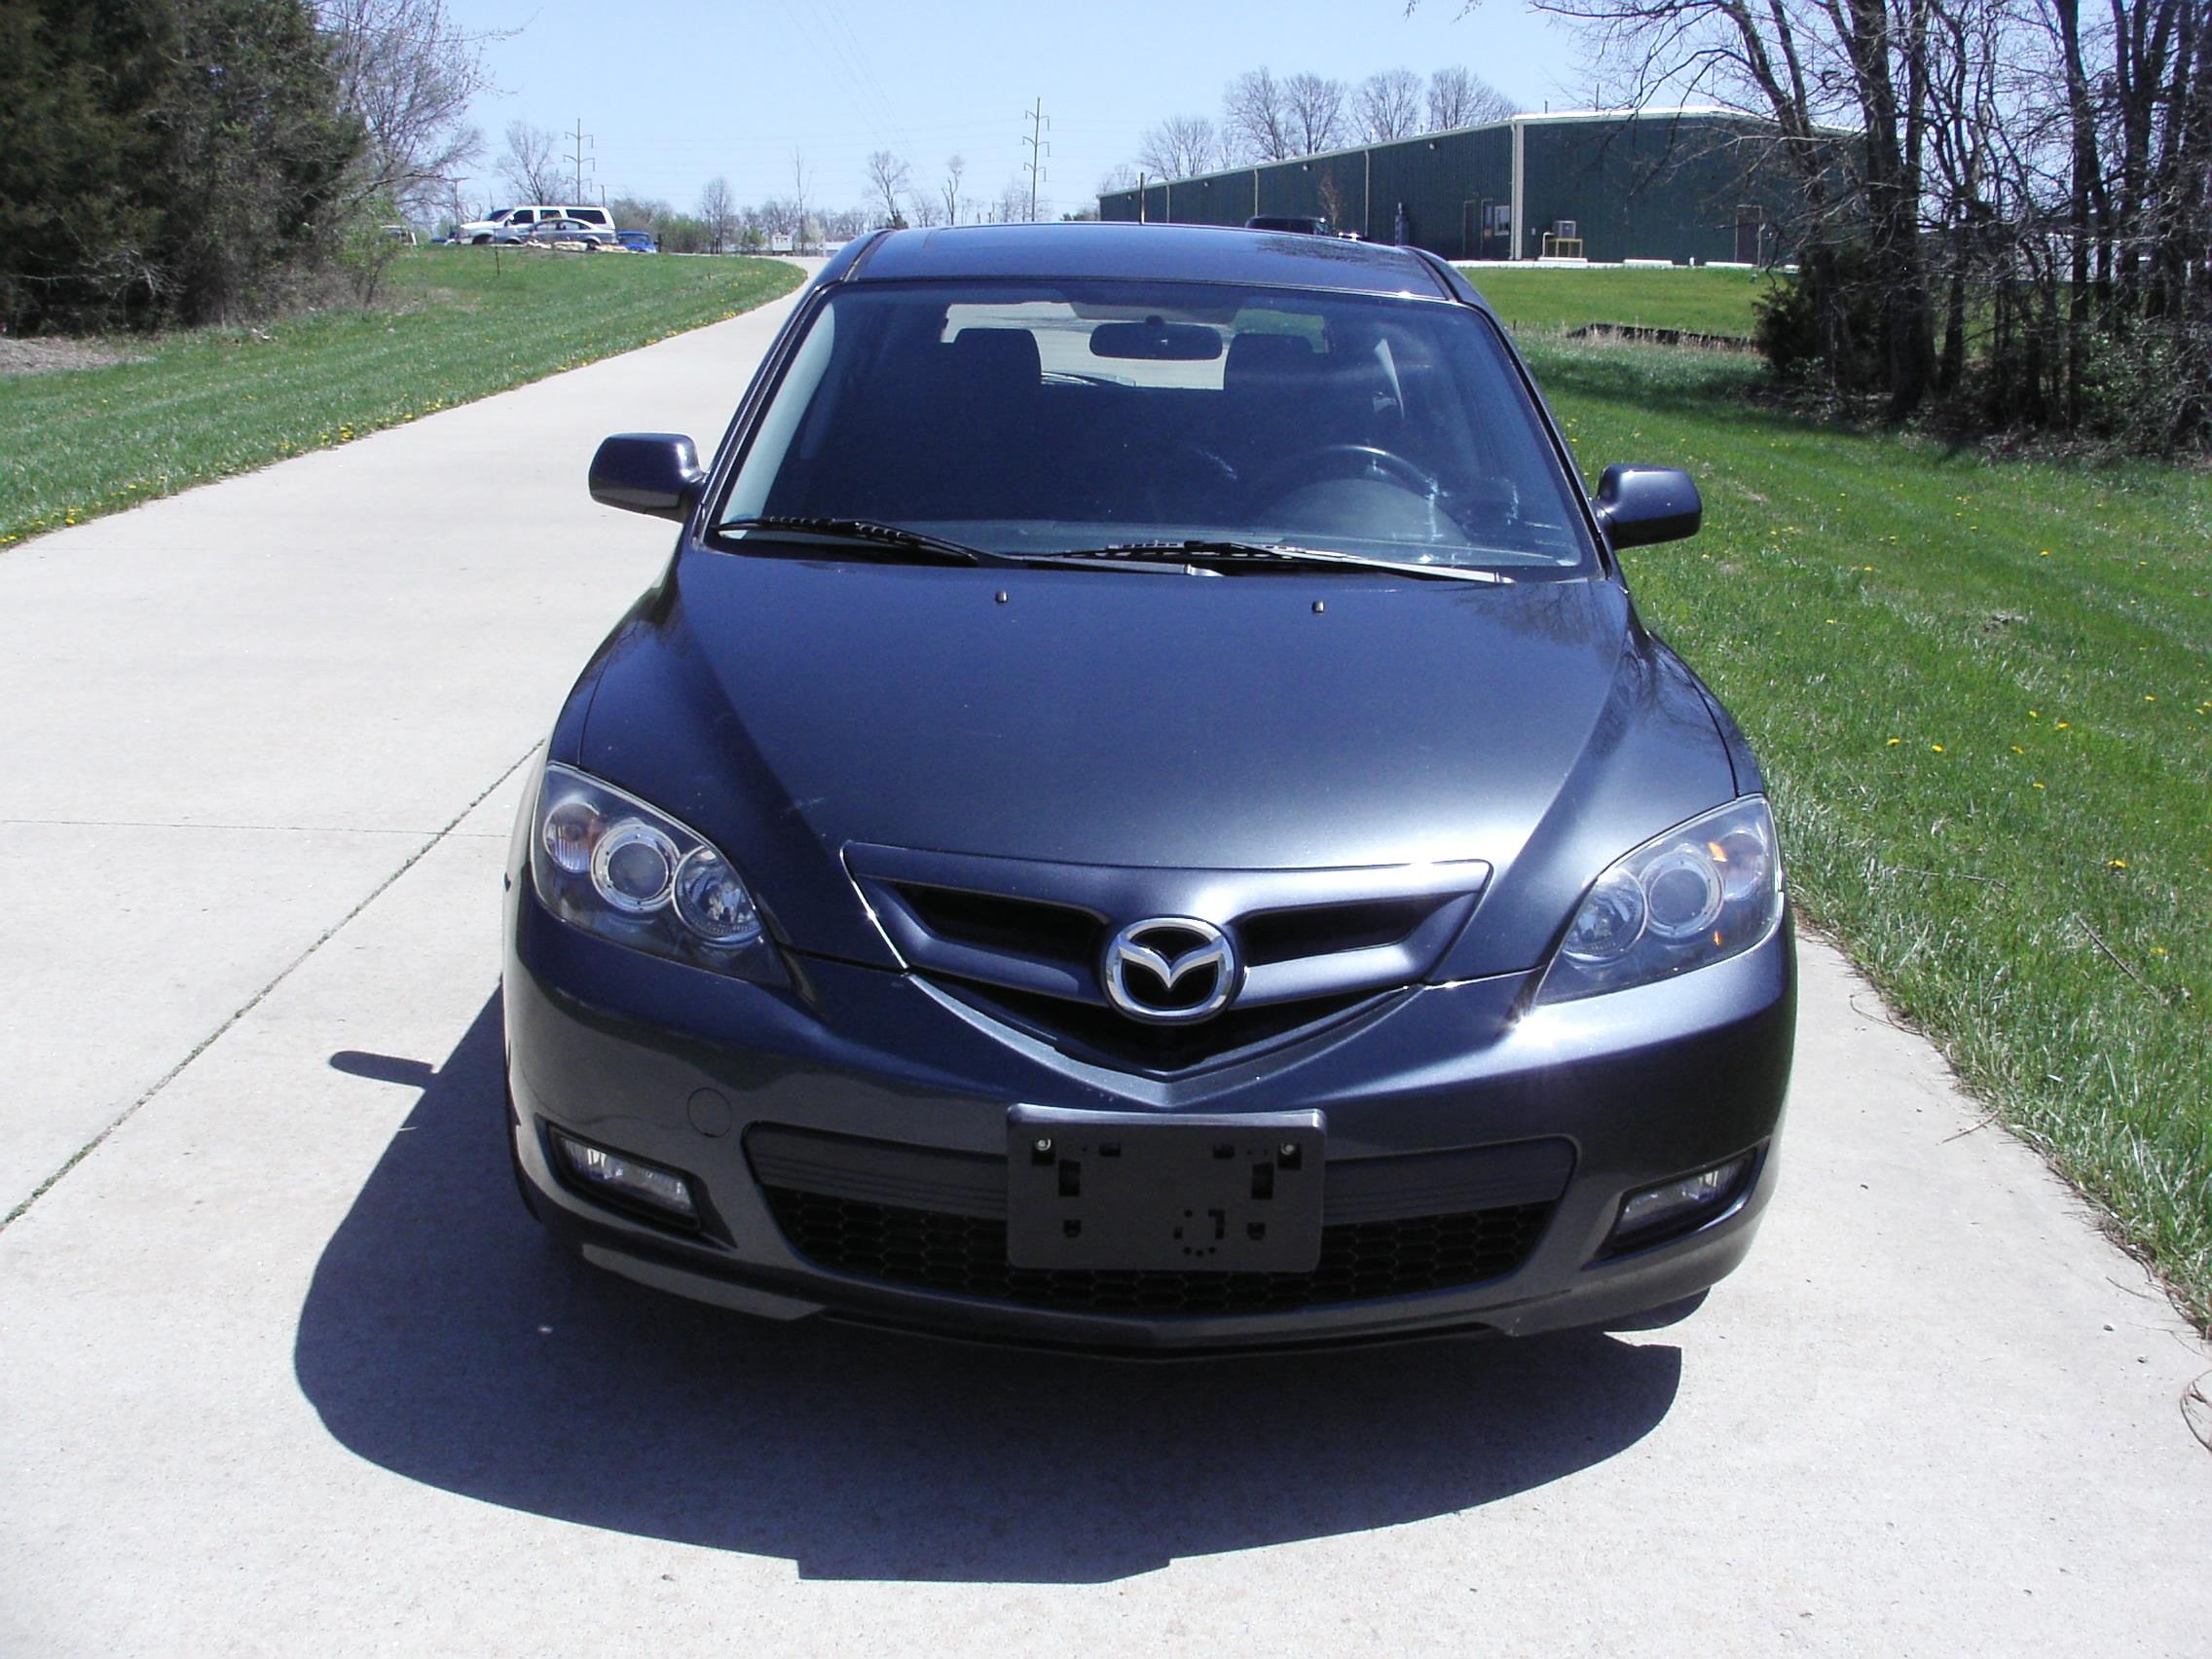 2009 Mazda 3 Sport Hatchback 2 3l Comomotors